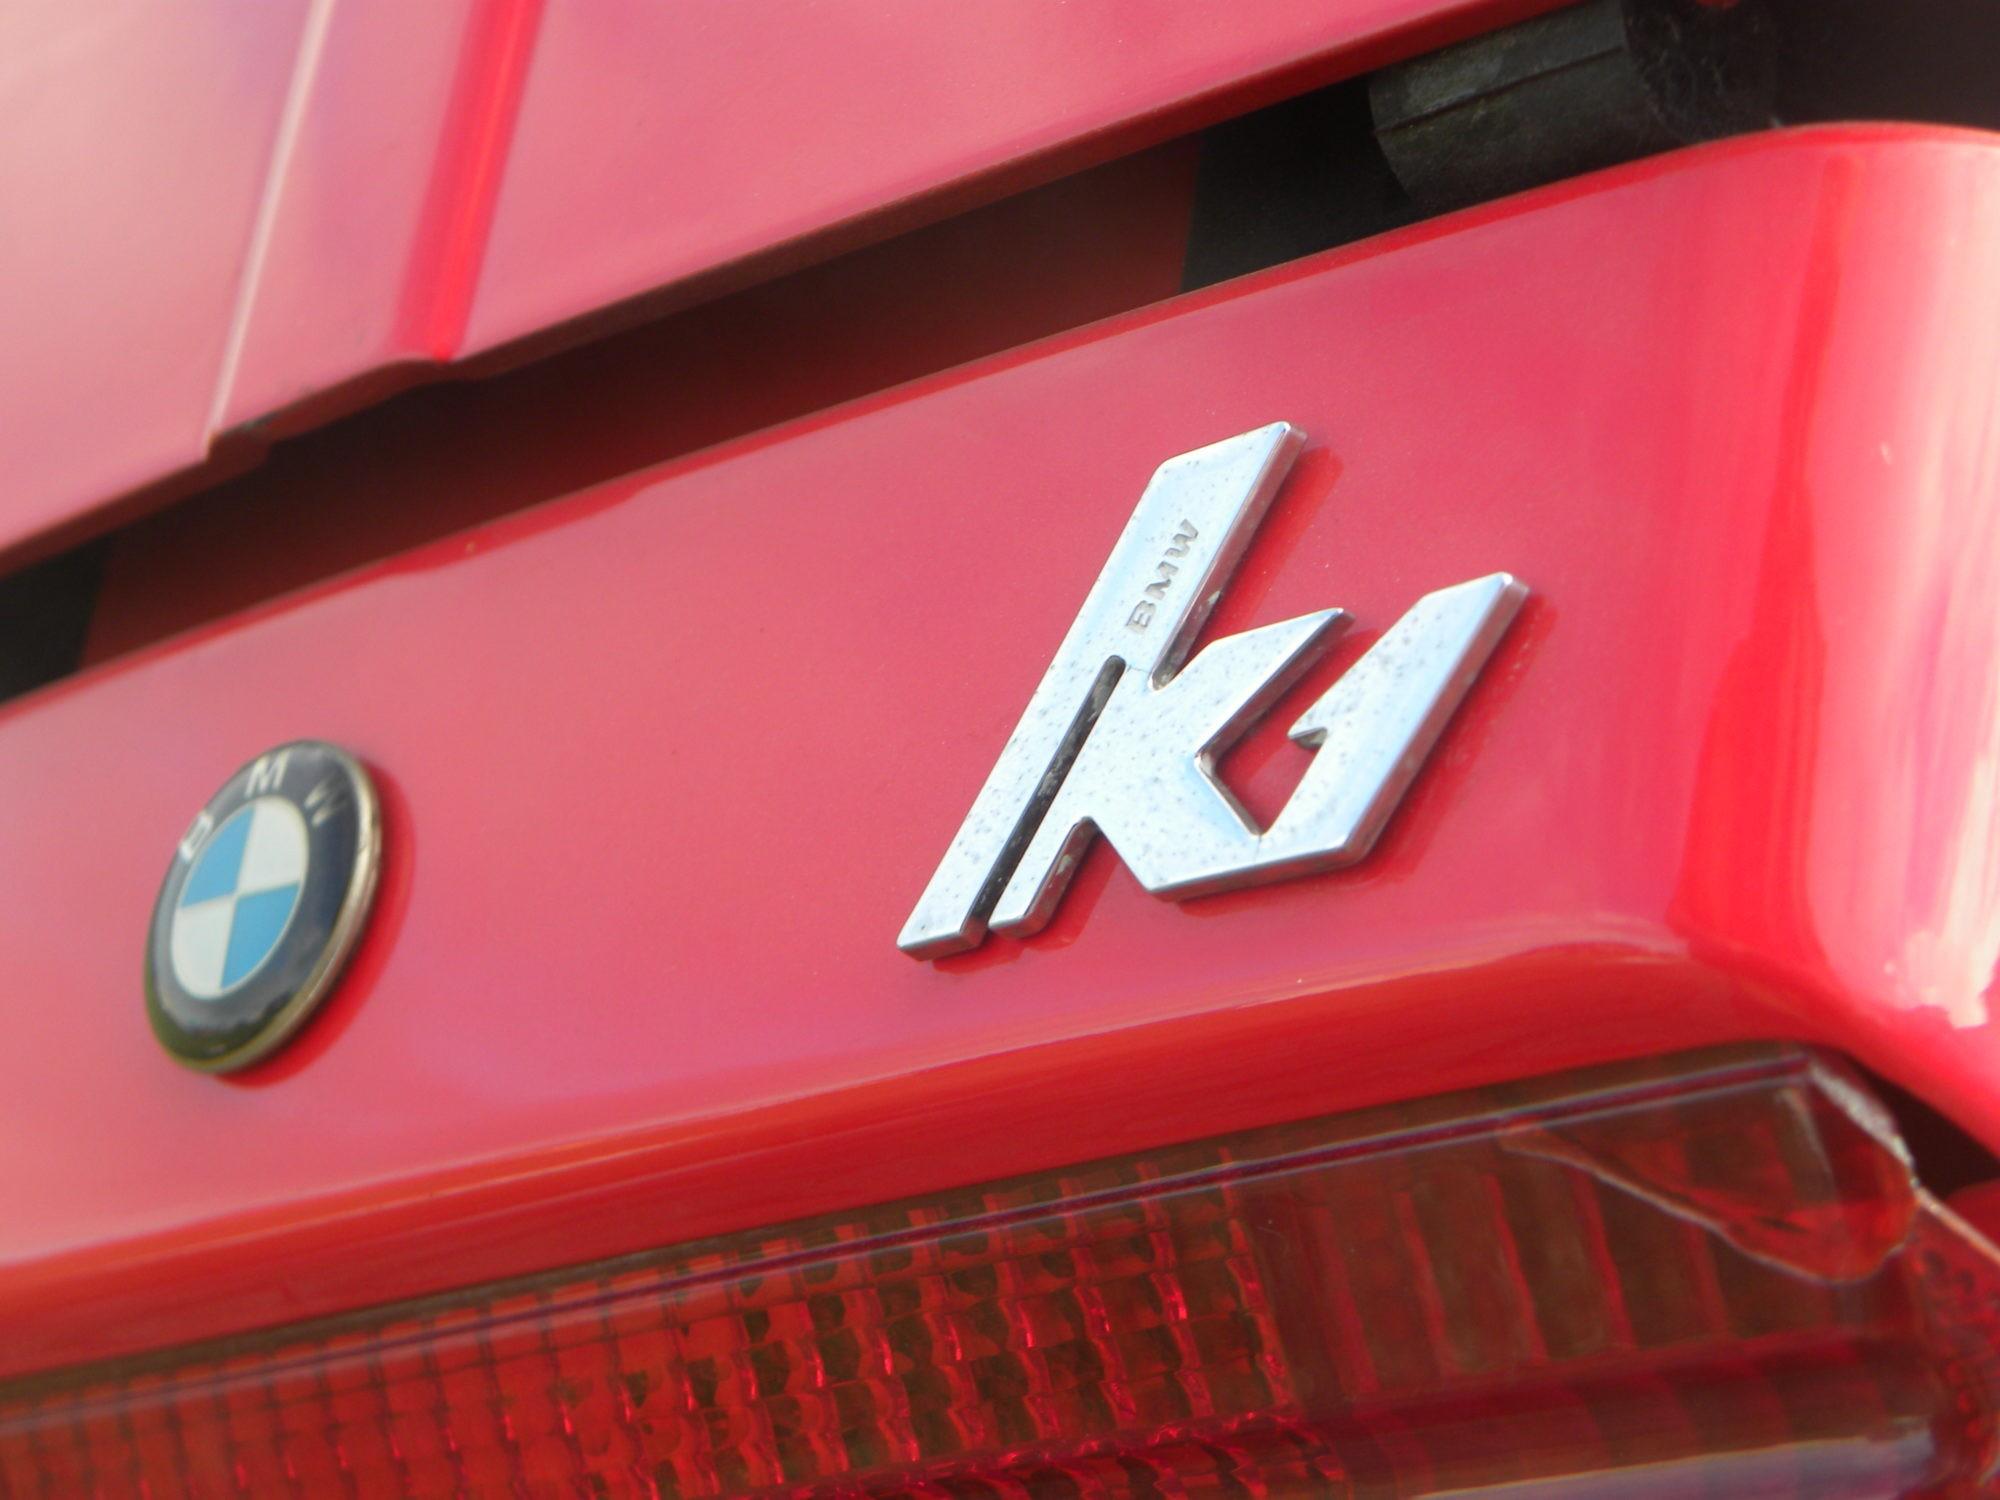 BMW K1 logo